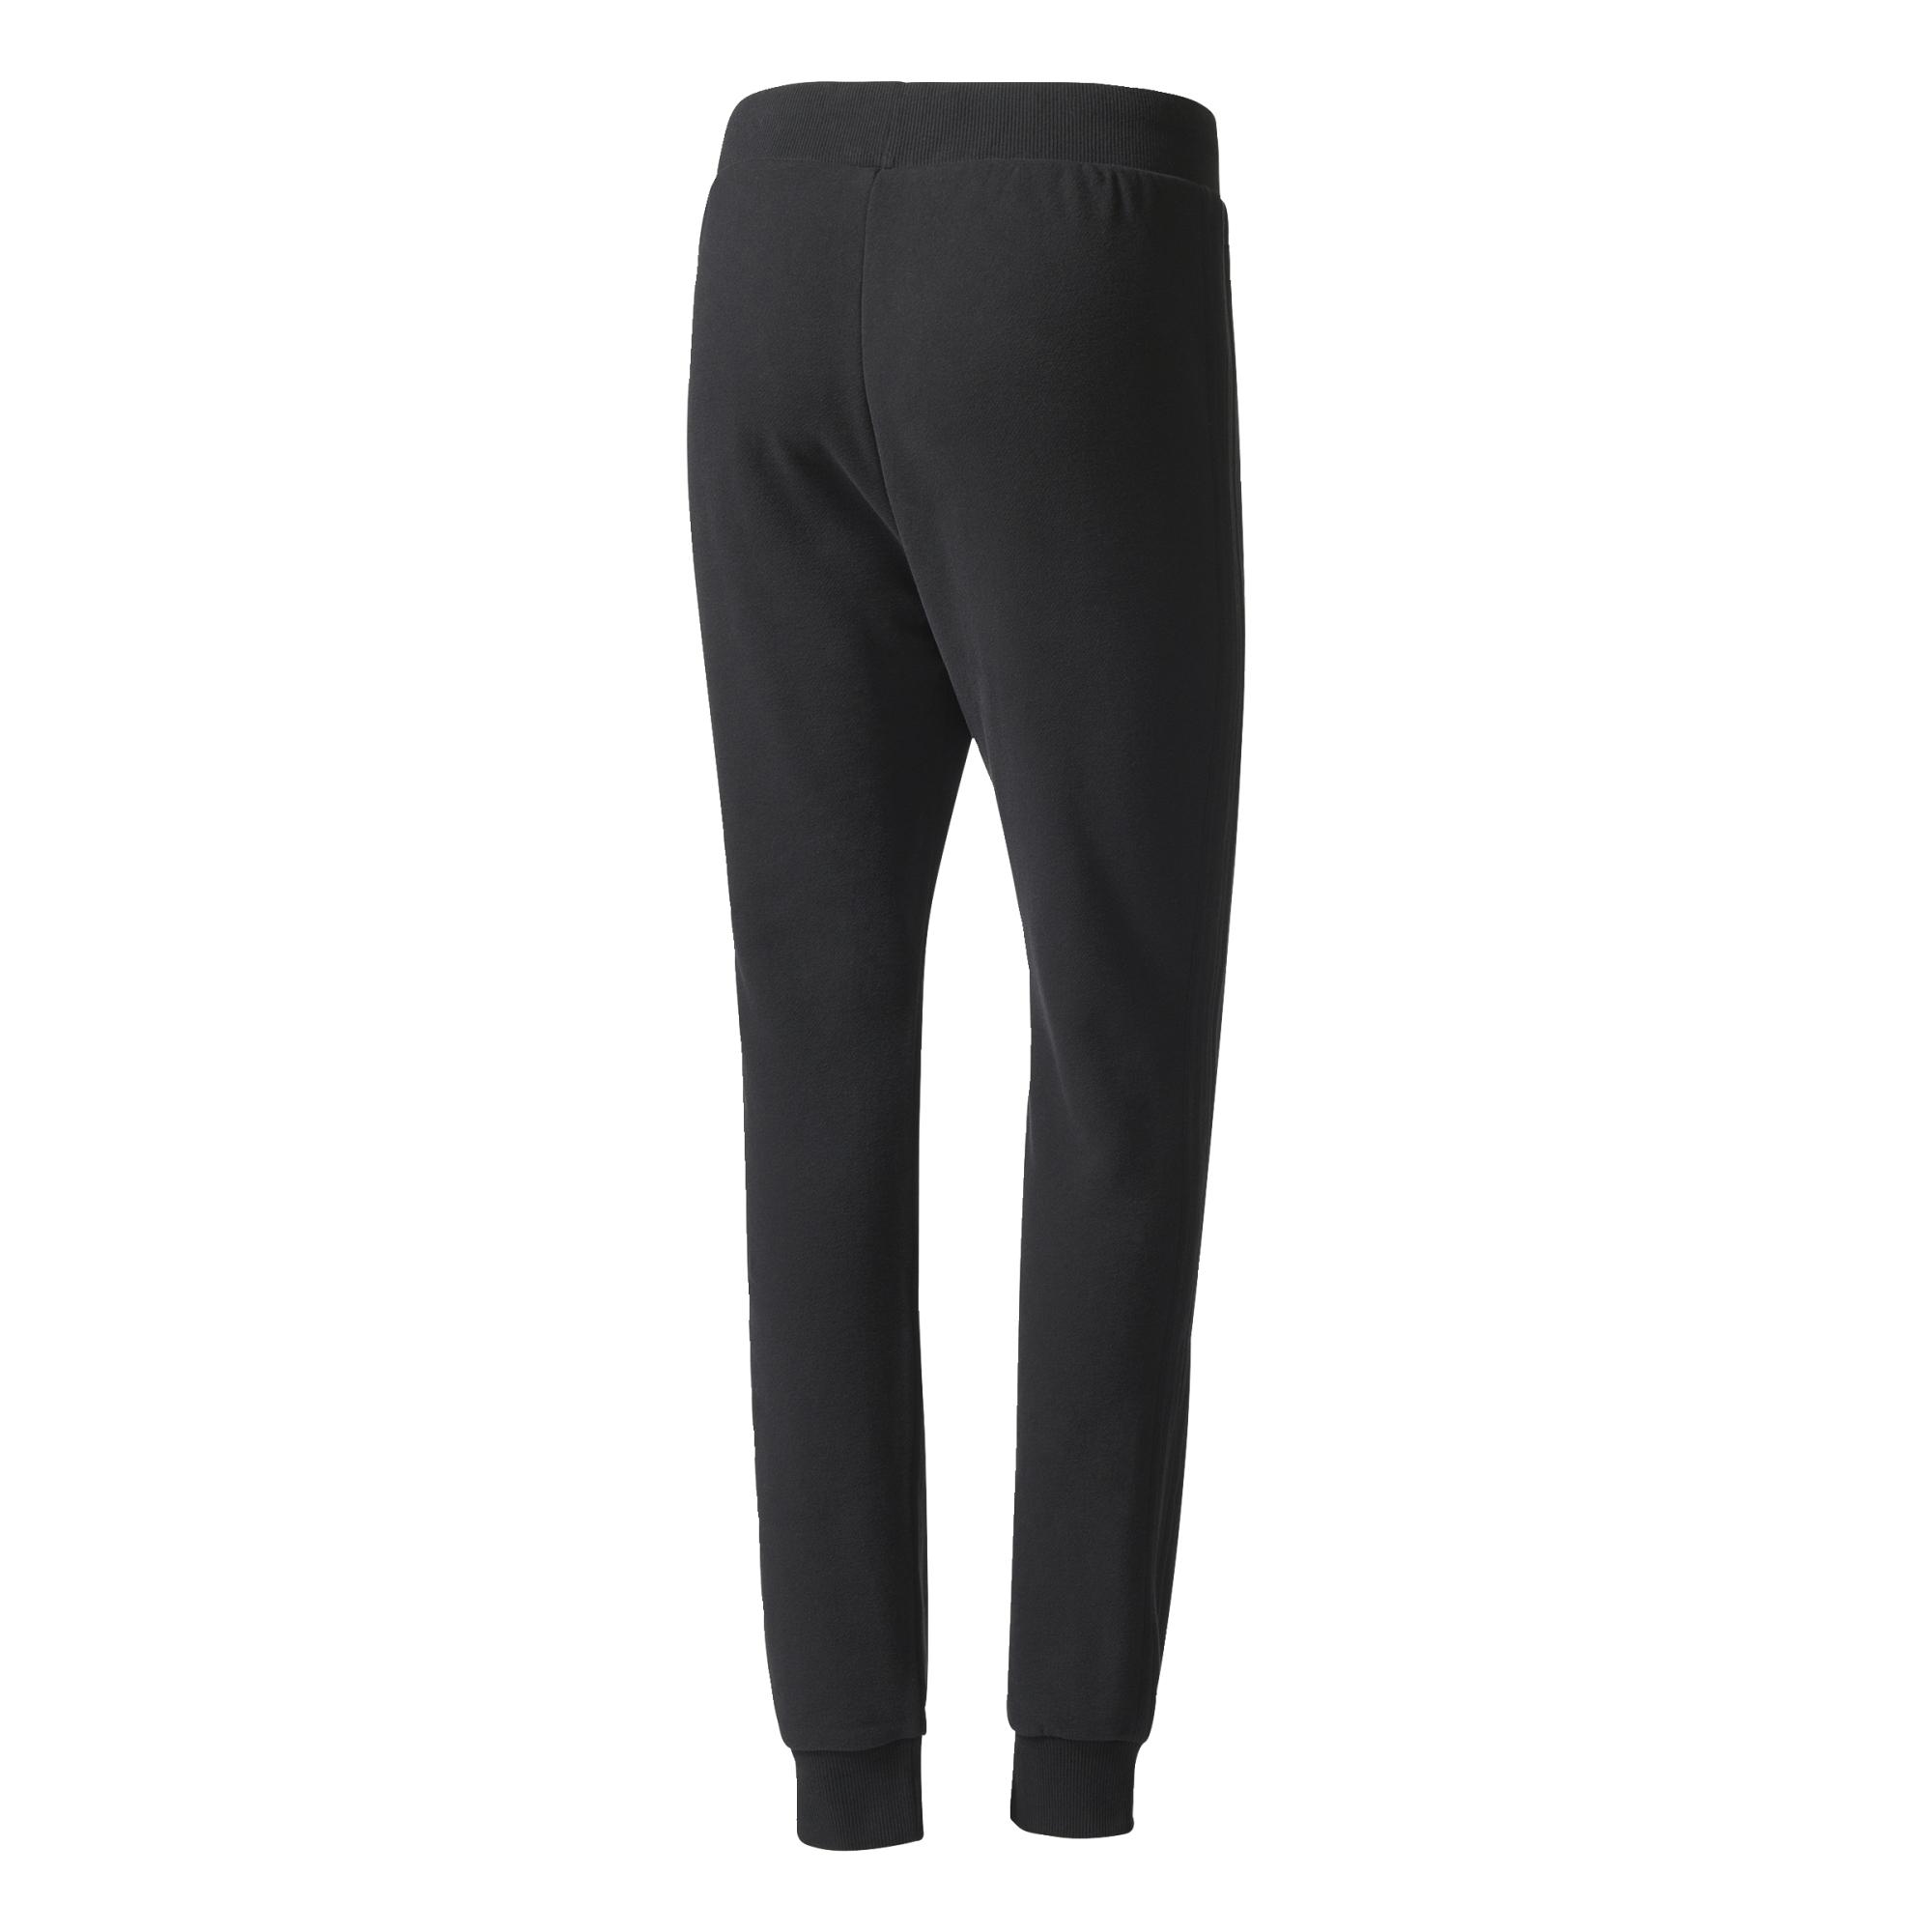 Spodnie adidas Slim Cuffed Track Pants (AY8127)